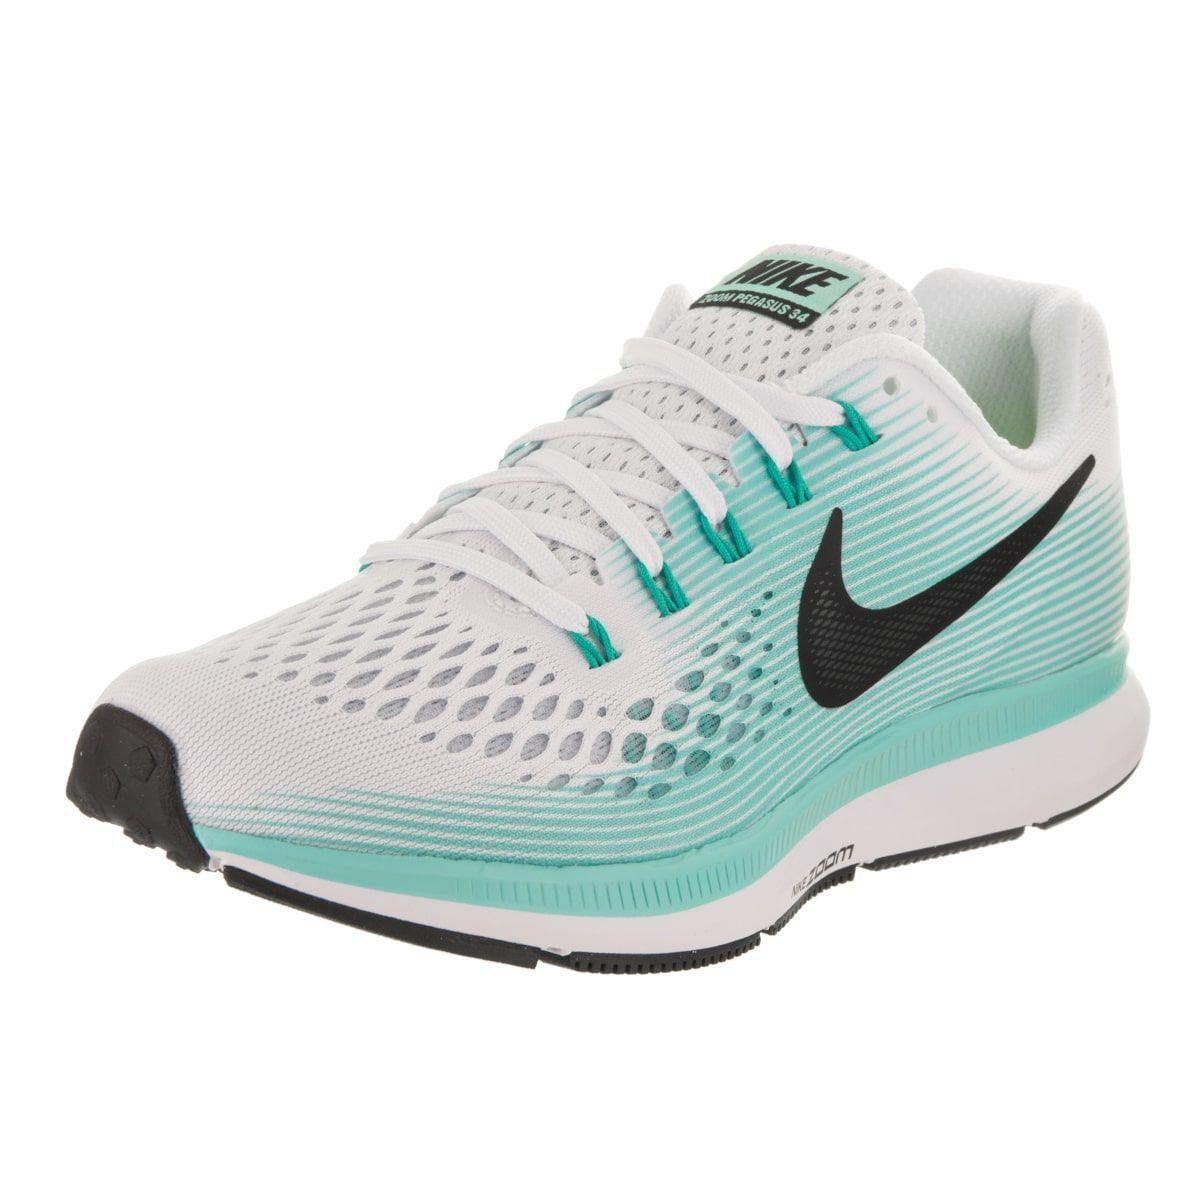 Nike Women's Air Zoom Pegasus 34 Running Shoe | Shoe | Shoes